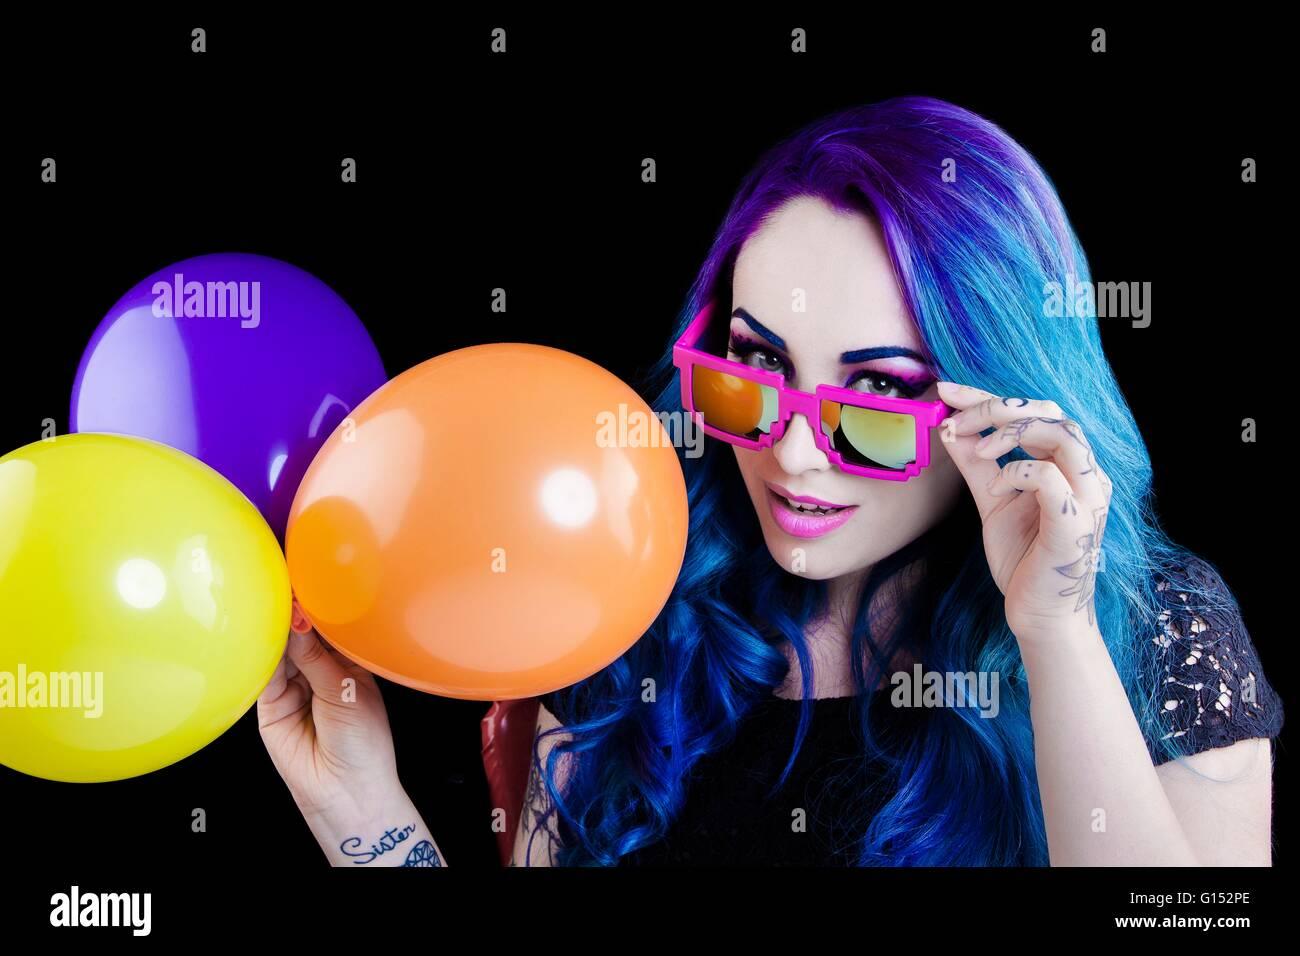 Portrait d'une jolie fille aux cheveux bleus, balle de couleur de la lumière, avec les yeux baissés, Photo Stock